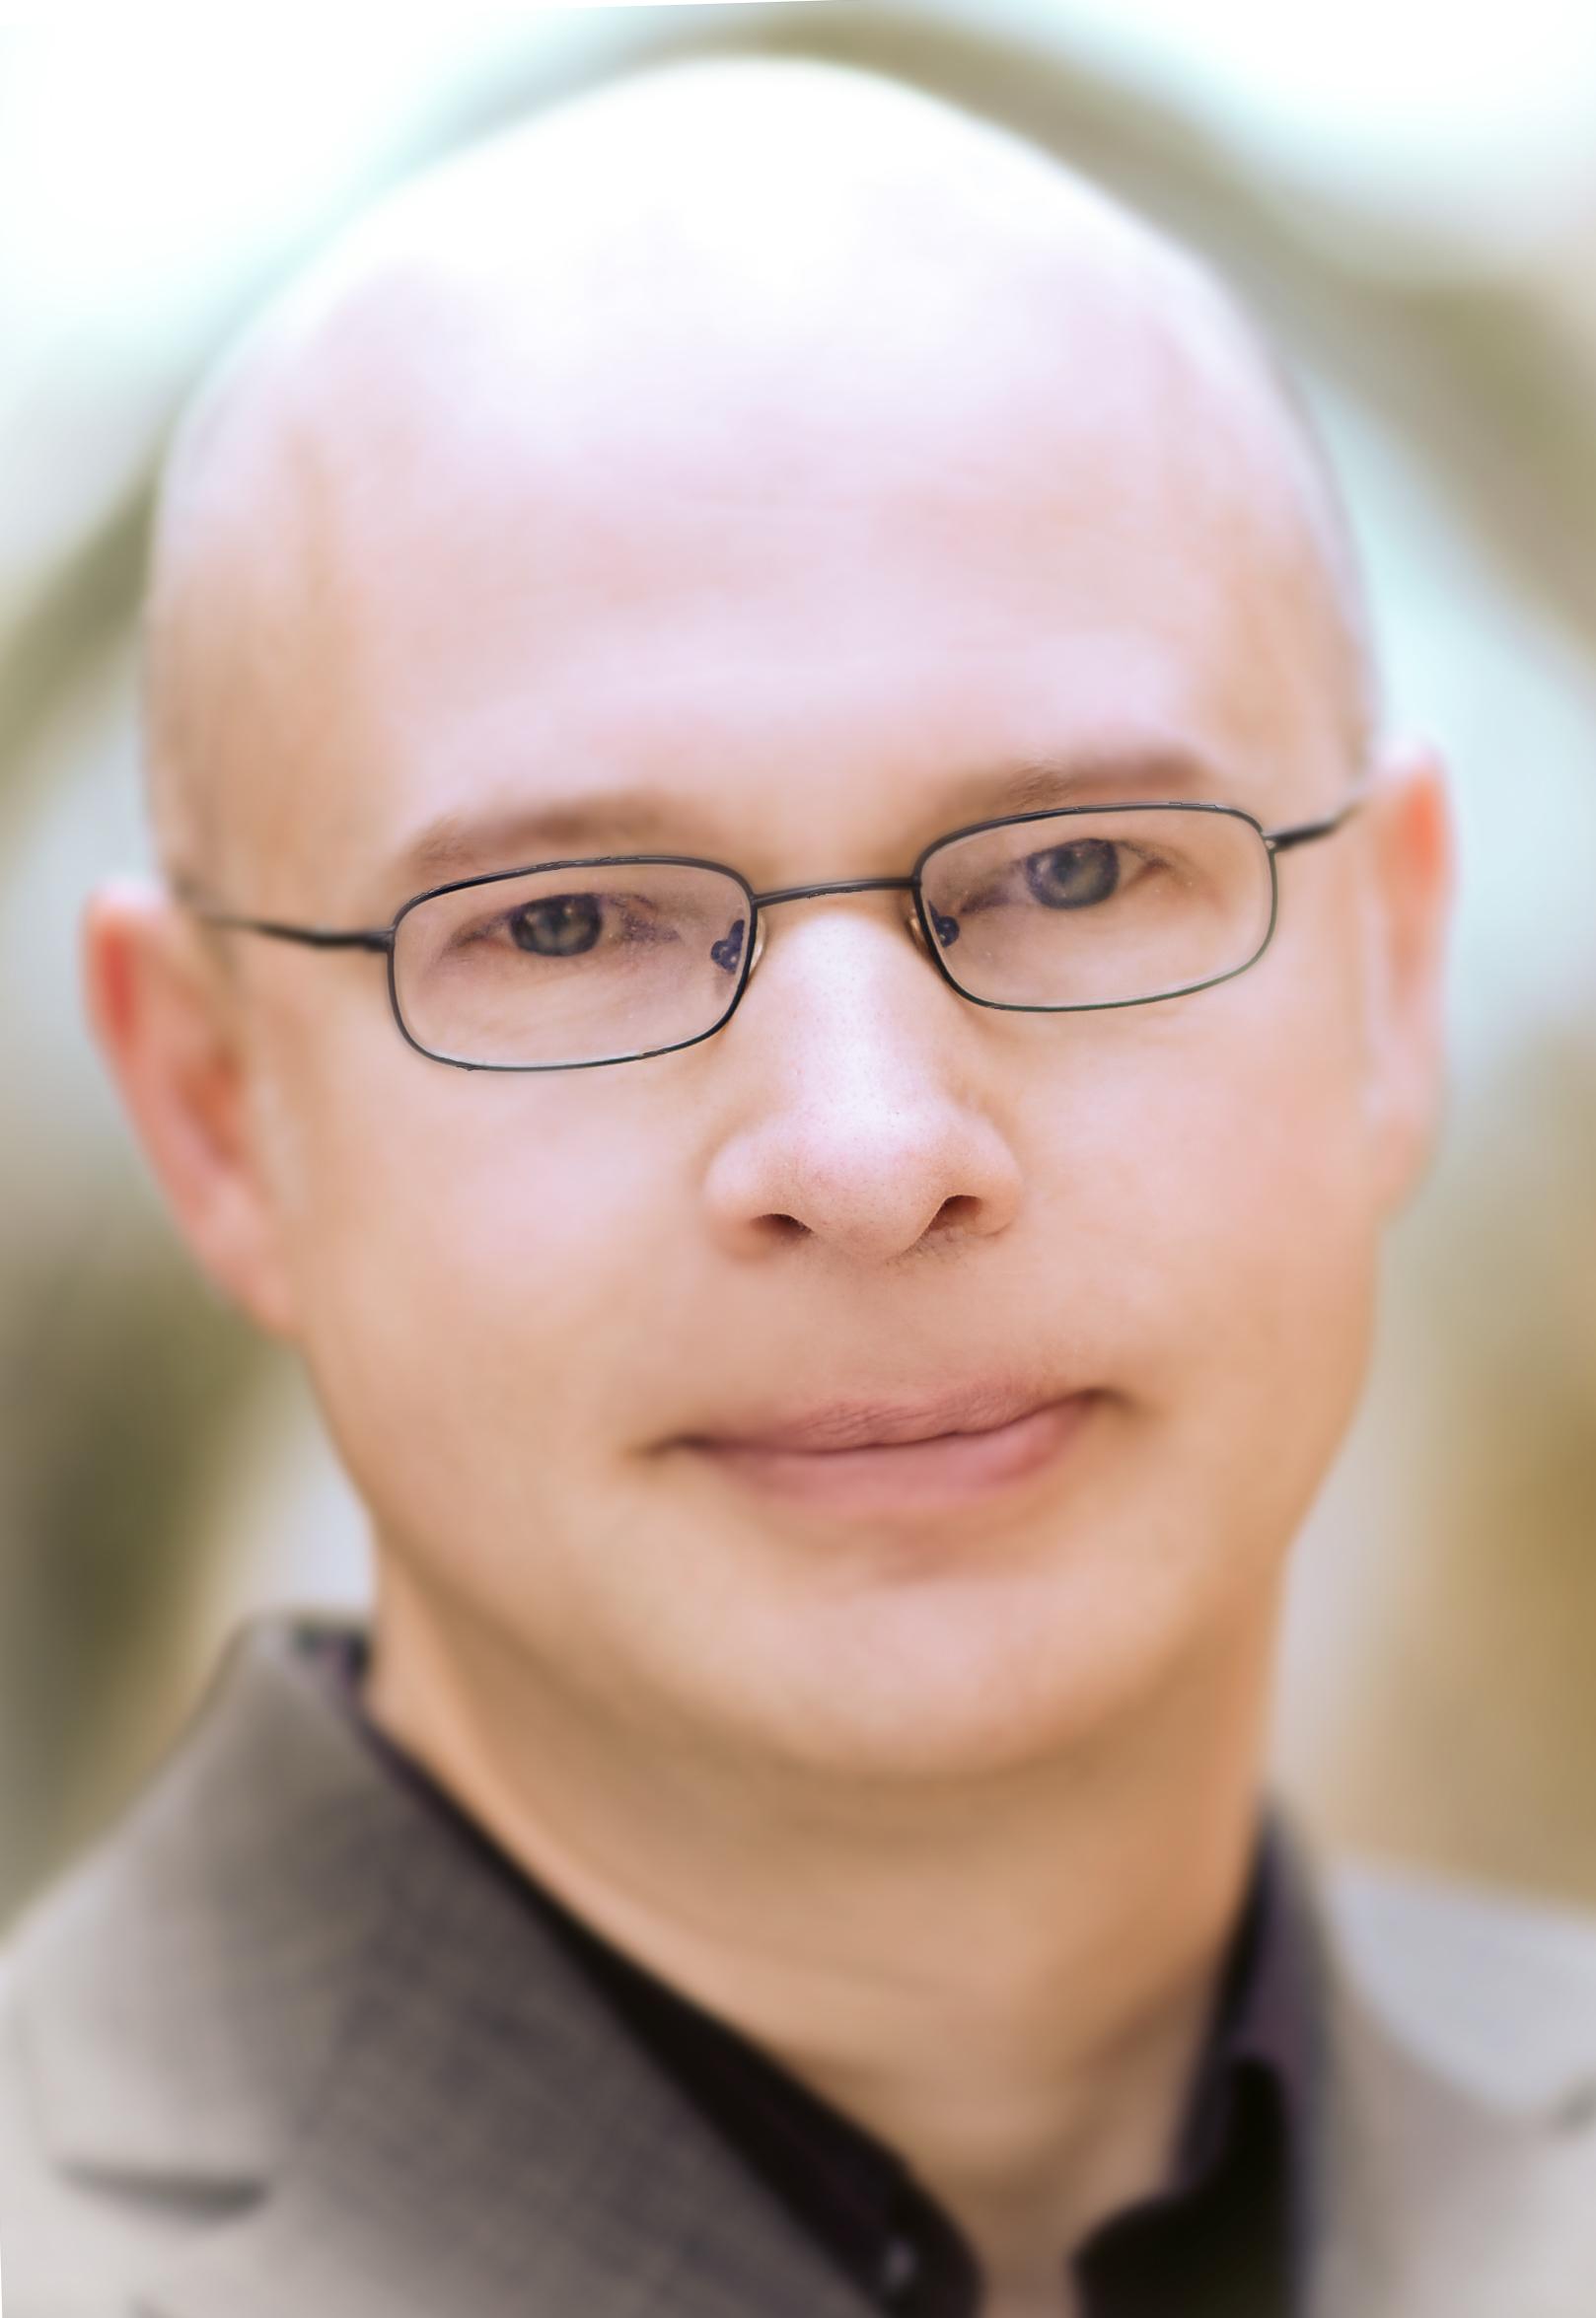 Eifersucht heilen durch Hypnose | Dr. phil. Elmar Basse